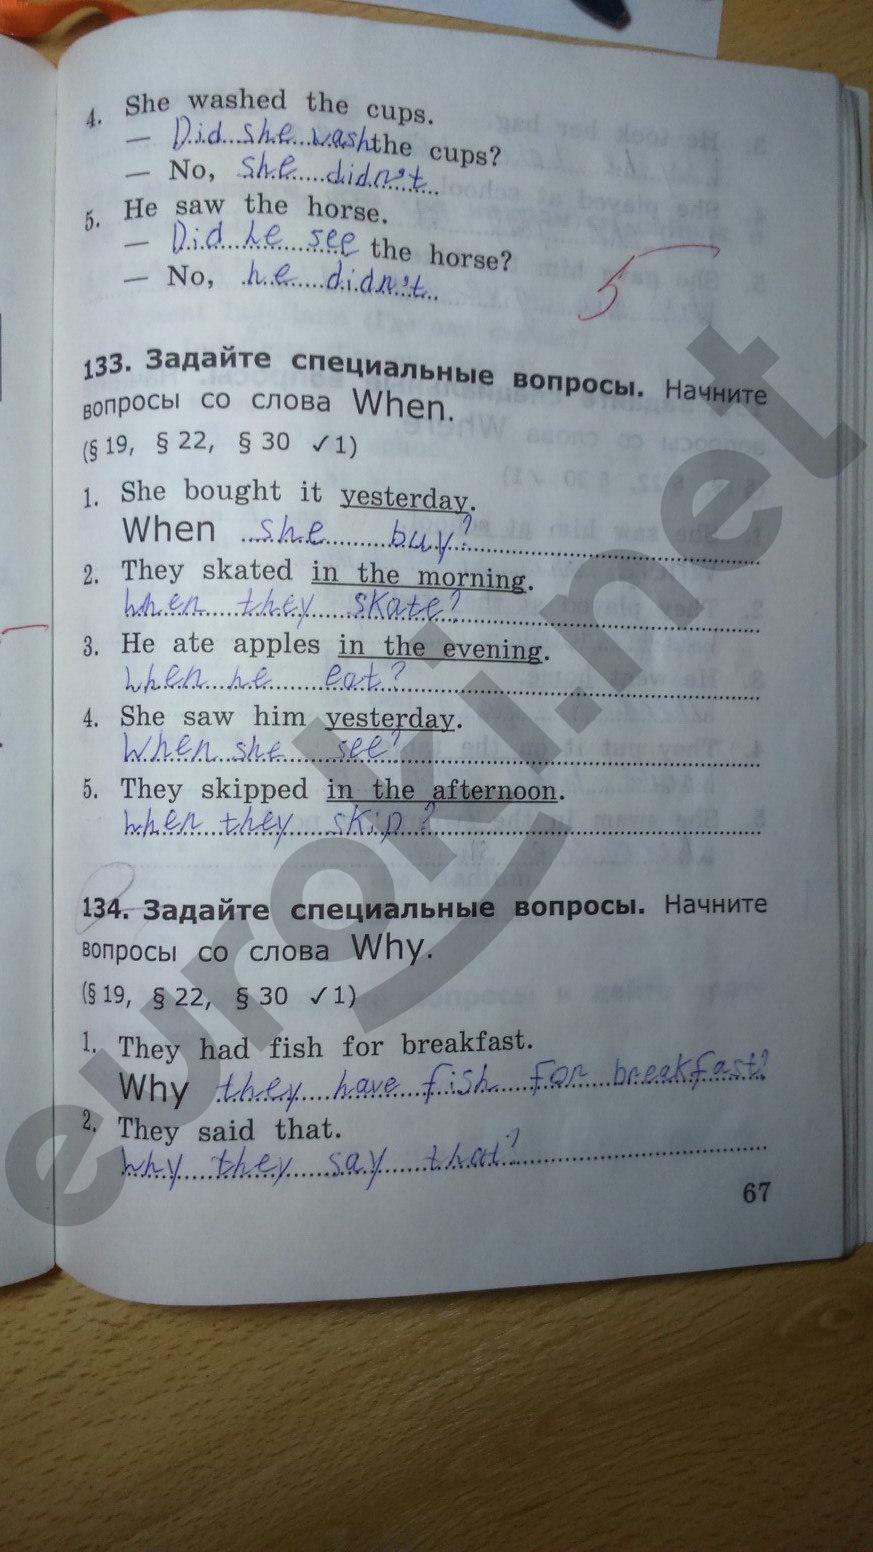 Гдз 4 класс английский язык автор е.а.барашкова